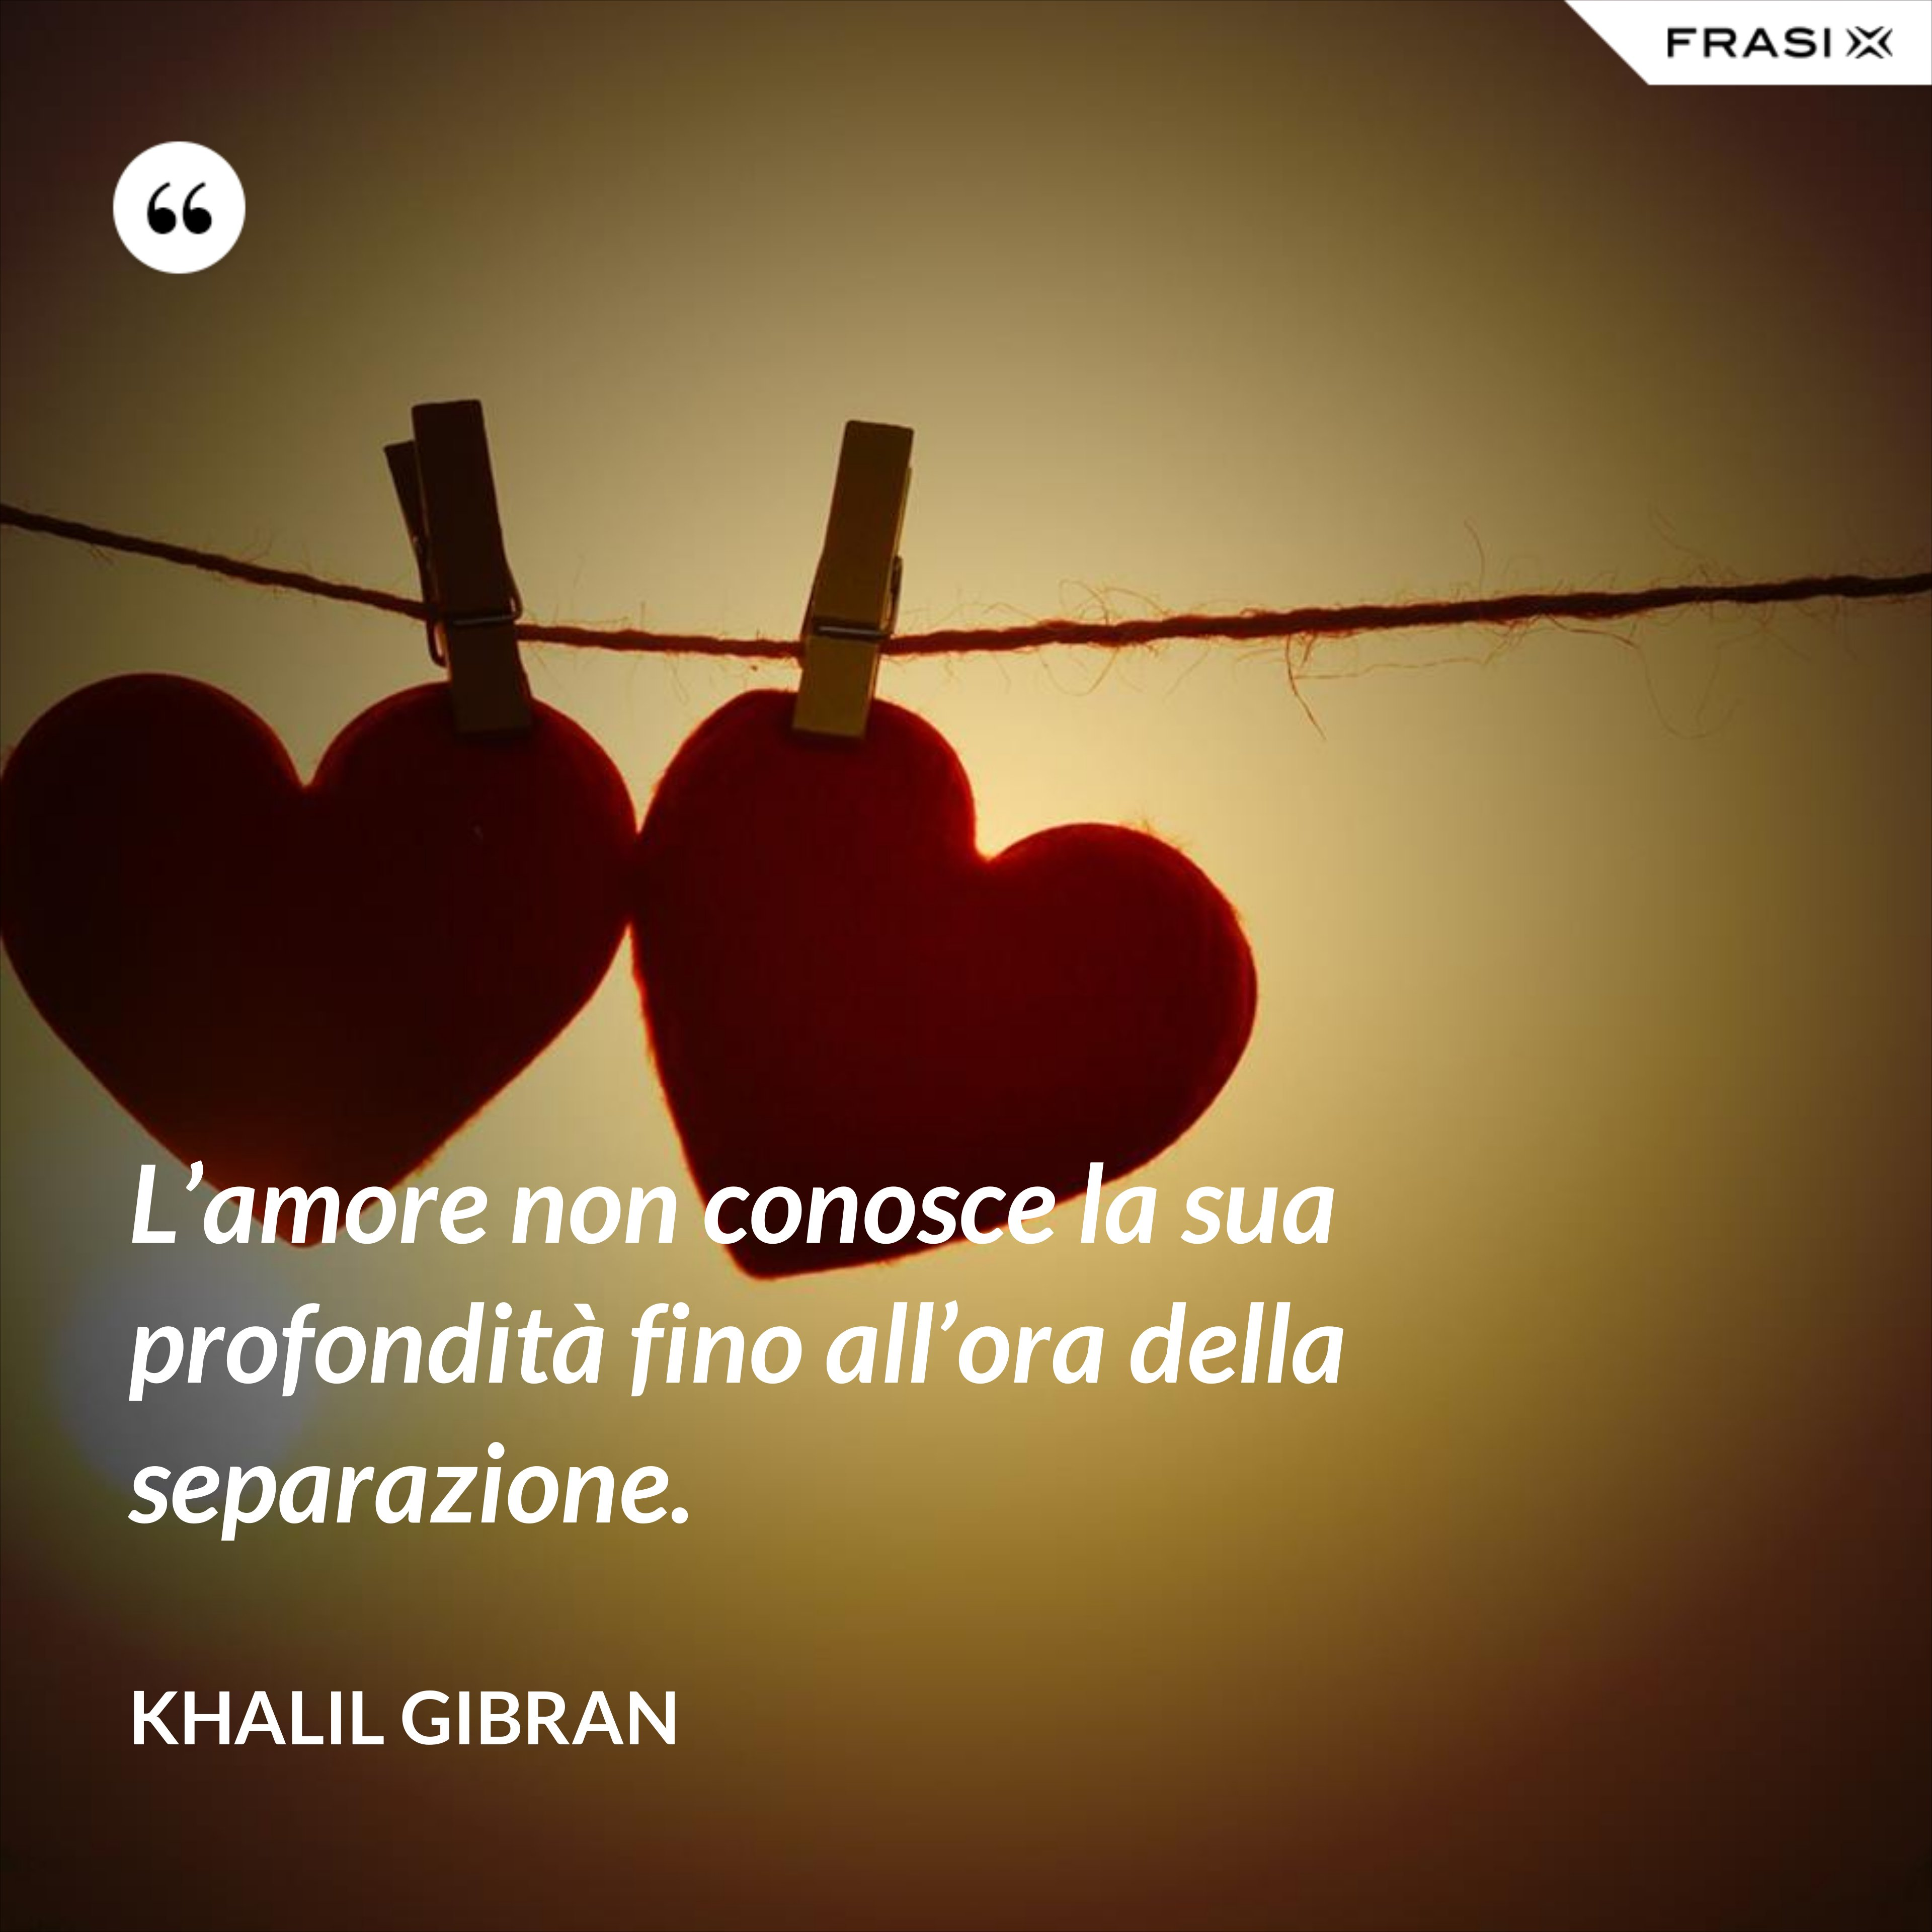 L'amore non conosce la sua profondità fino all'ora della separazione. - Khalil Gibran